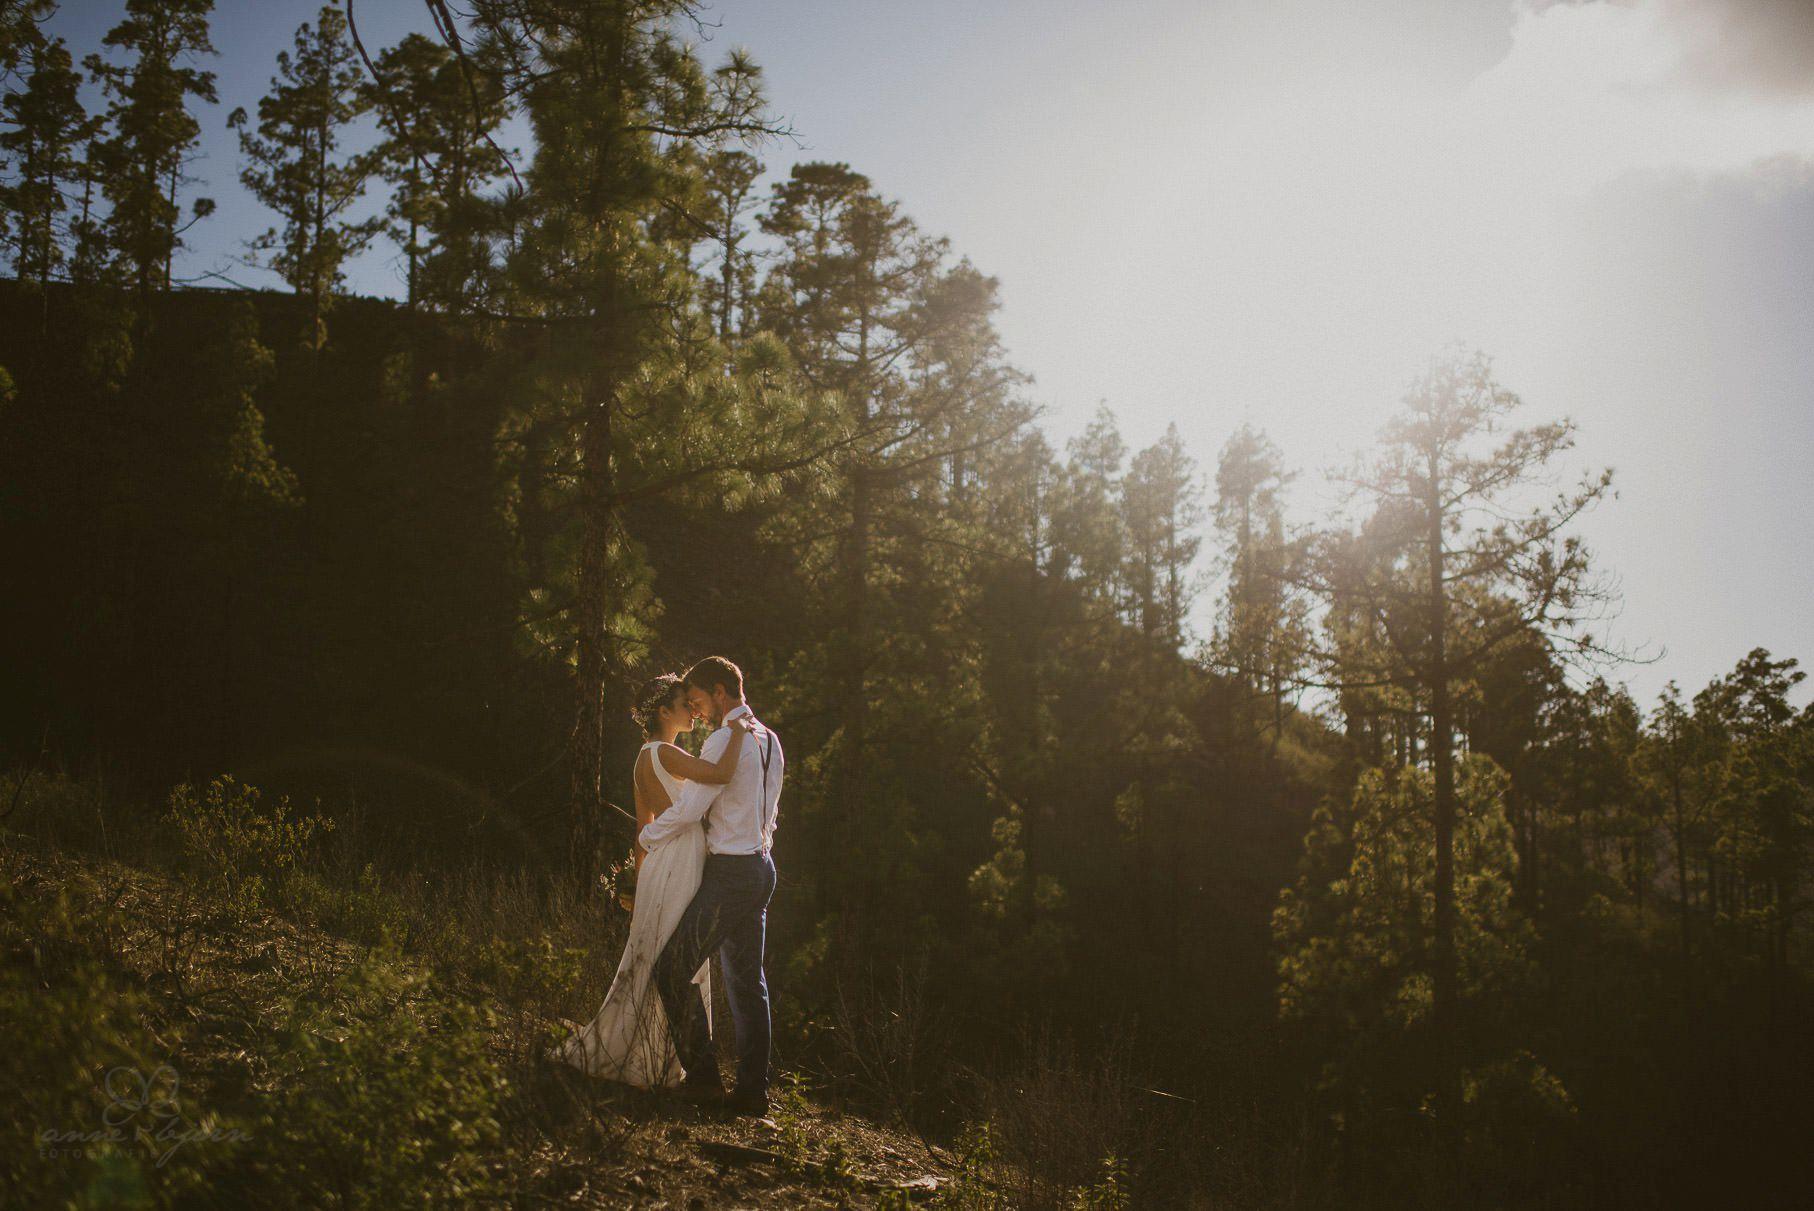 0101 lug d75 7016 - Hochzeit auf Gran Canaria - Linda & Gerald (Elopement)